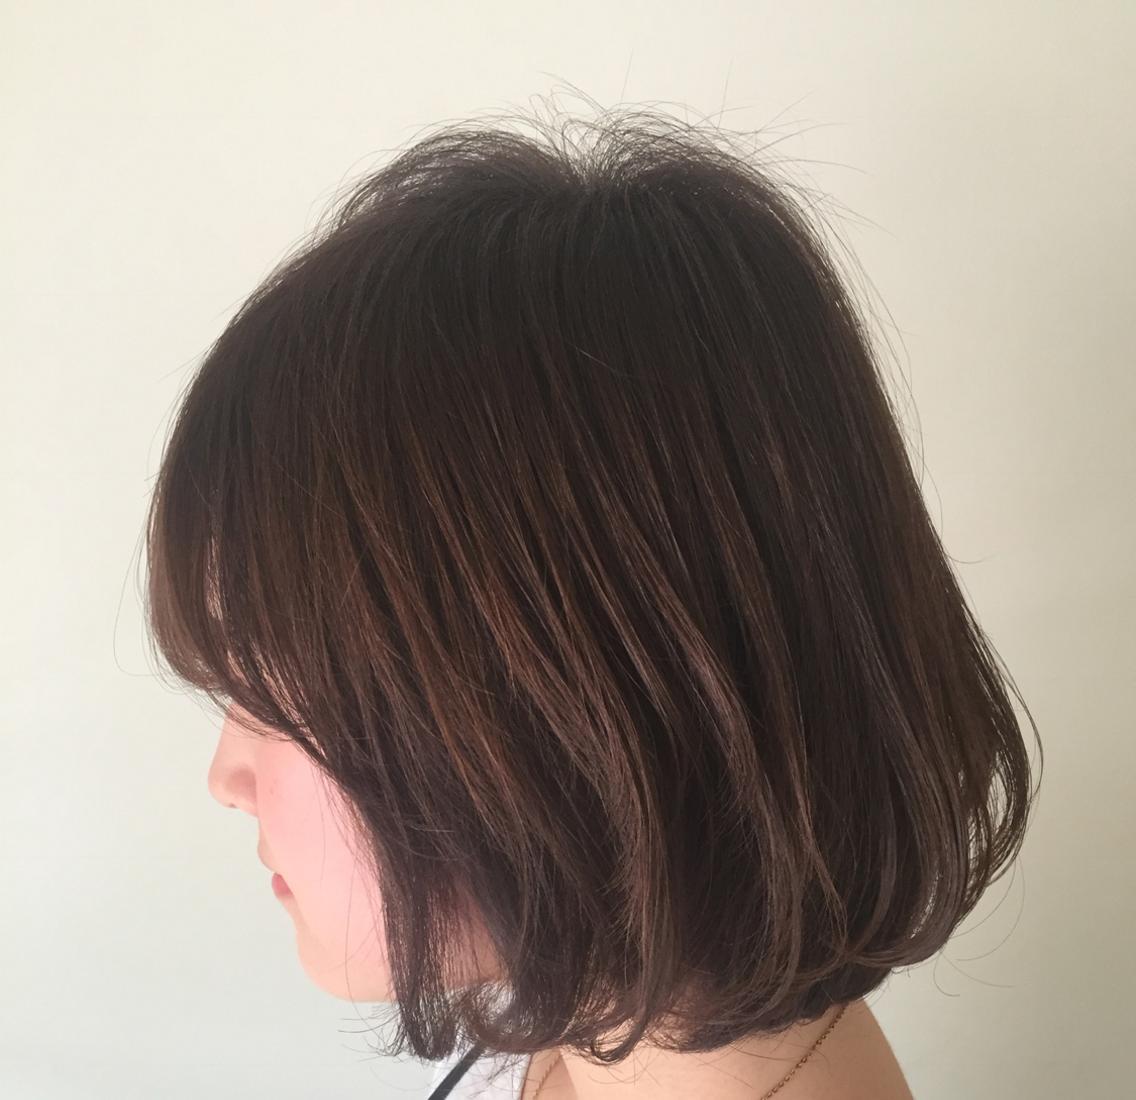 美容しょうへいの店所属・吉川茉由子の掲載